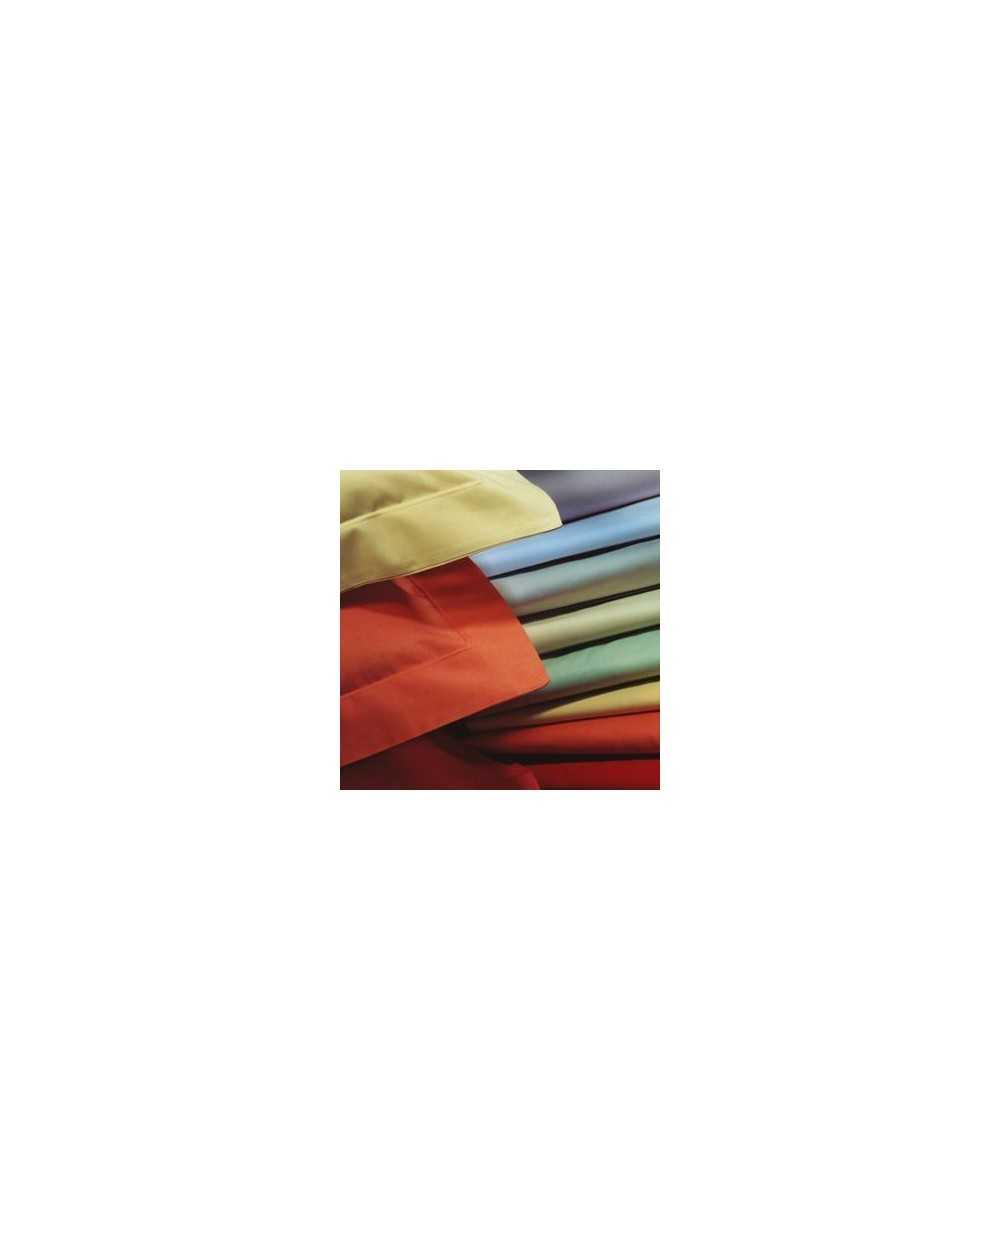 drap dessous avec les coins elastiques bleu arianna fazzini rasoline l f d home. Black Bedroom Furniture Sets. Home Design Ideas